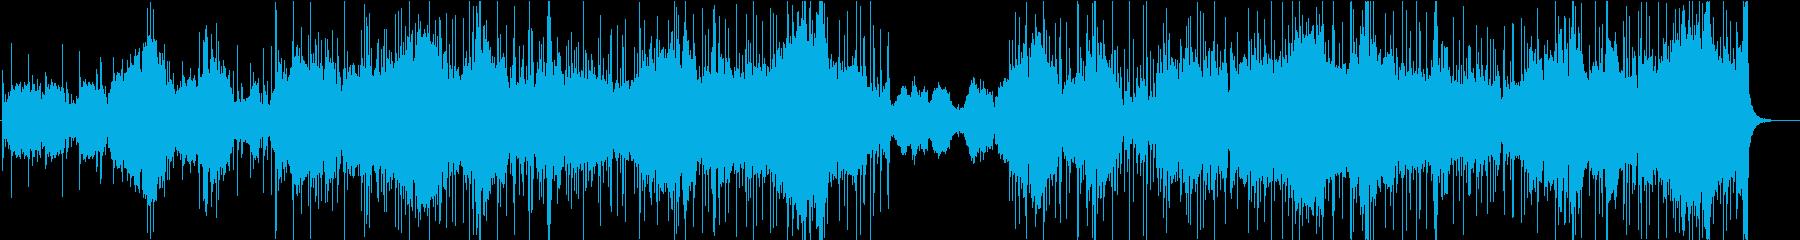 ゲーム的オーケストラ 空から見下ろす世界の再生済みの波形